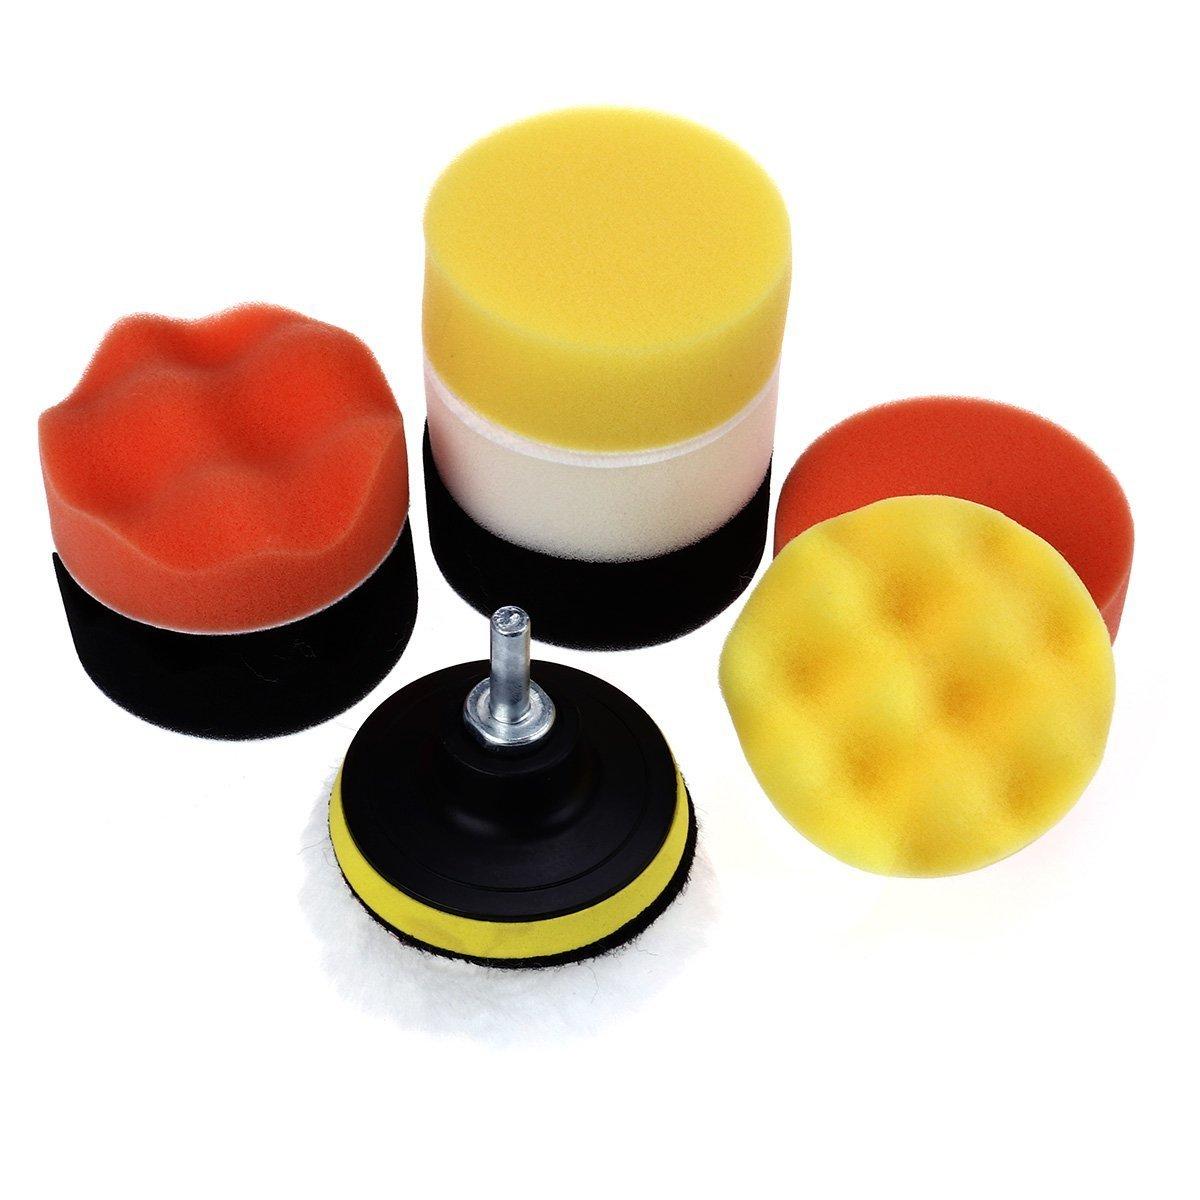 WINOMO 10pcs 7, 6cm Compound perceuse kit de coussinets d'éponge de polissage pour auto ponçage polissage d'étanchéité Glaze épilation à la cire professionnel